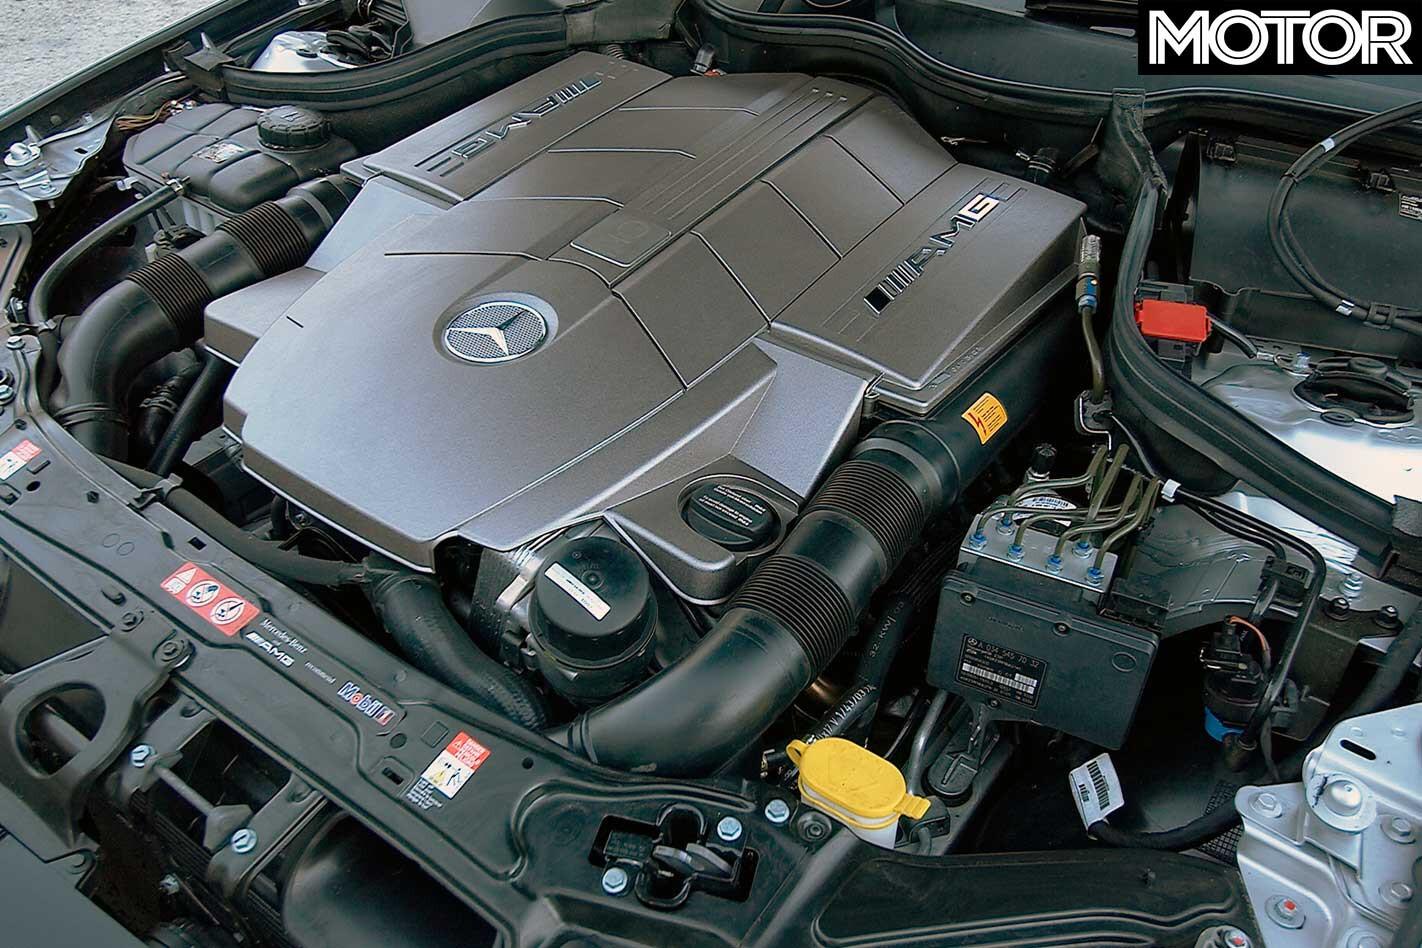 2005 Mercedes Benz C 55 AMG Engine Jpg